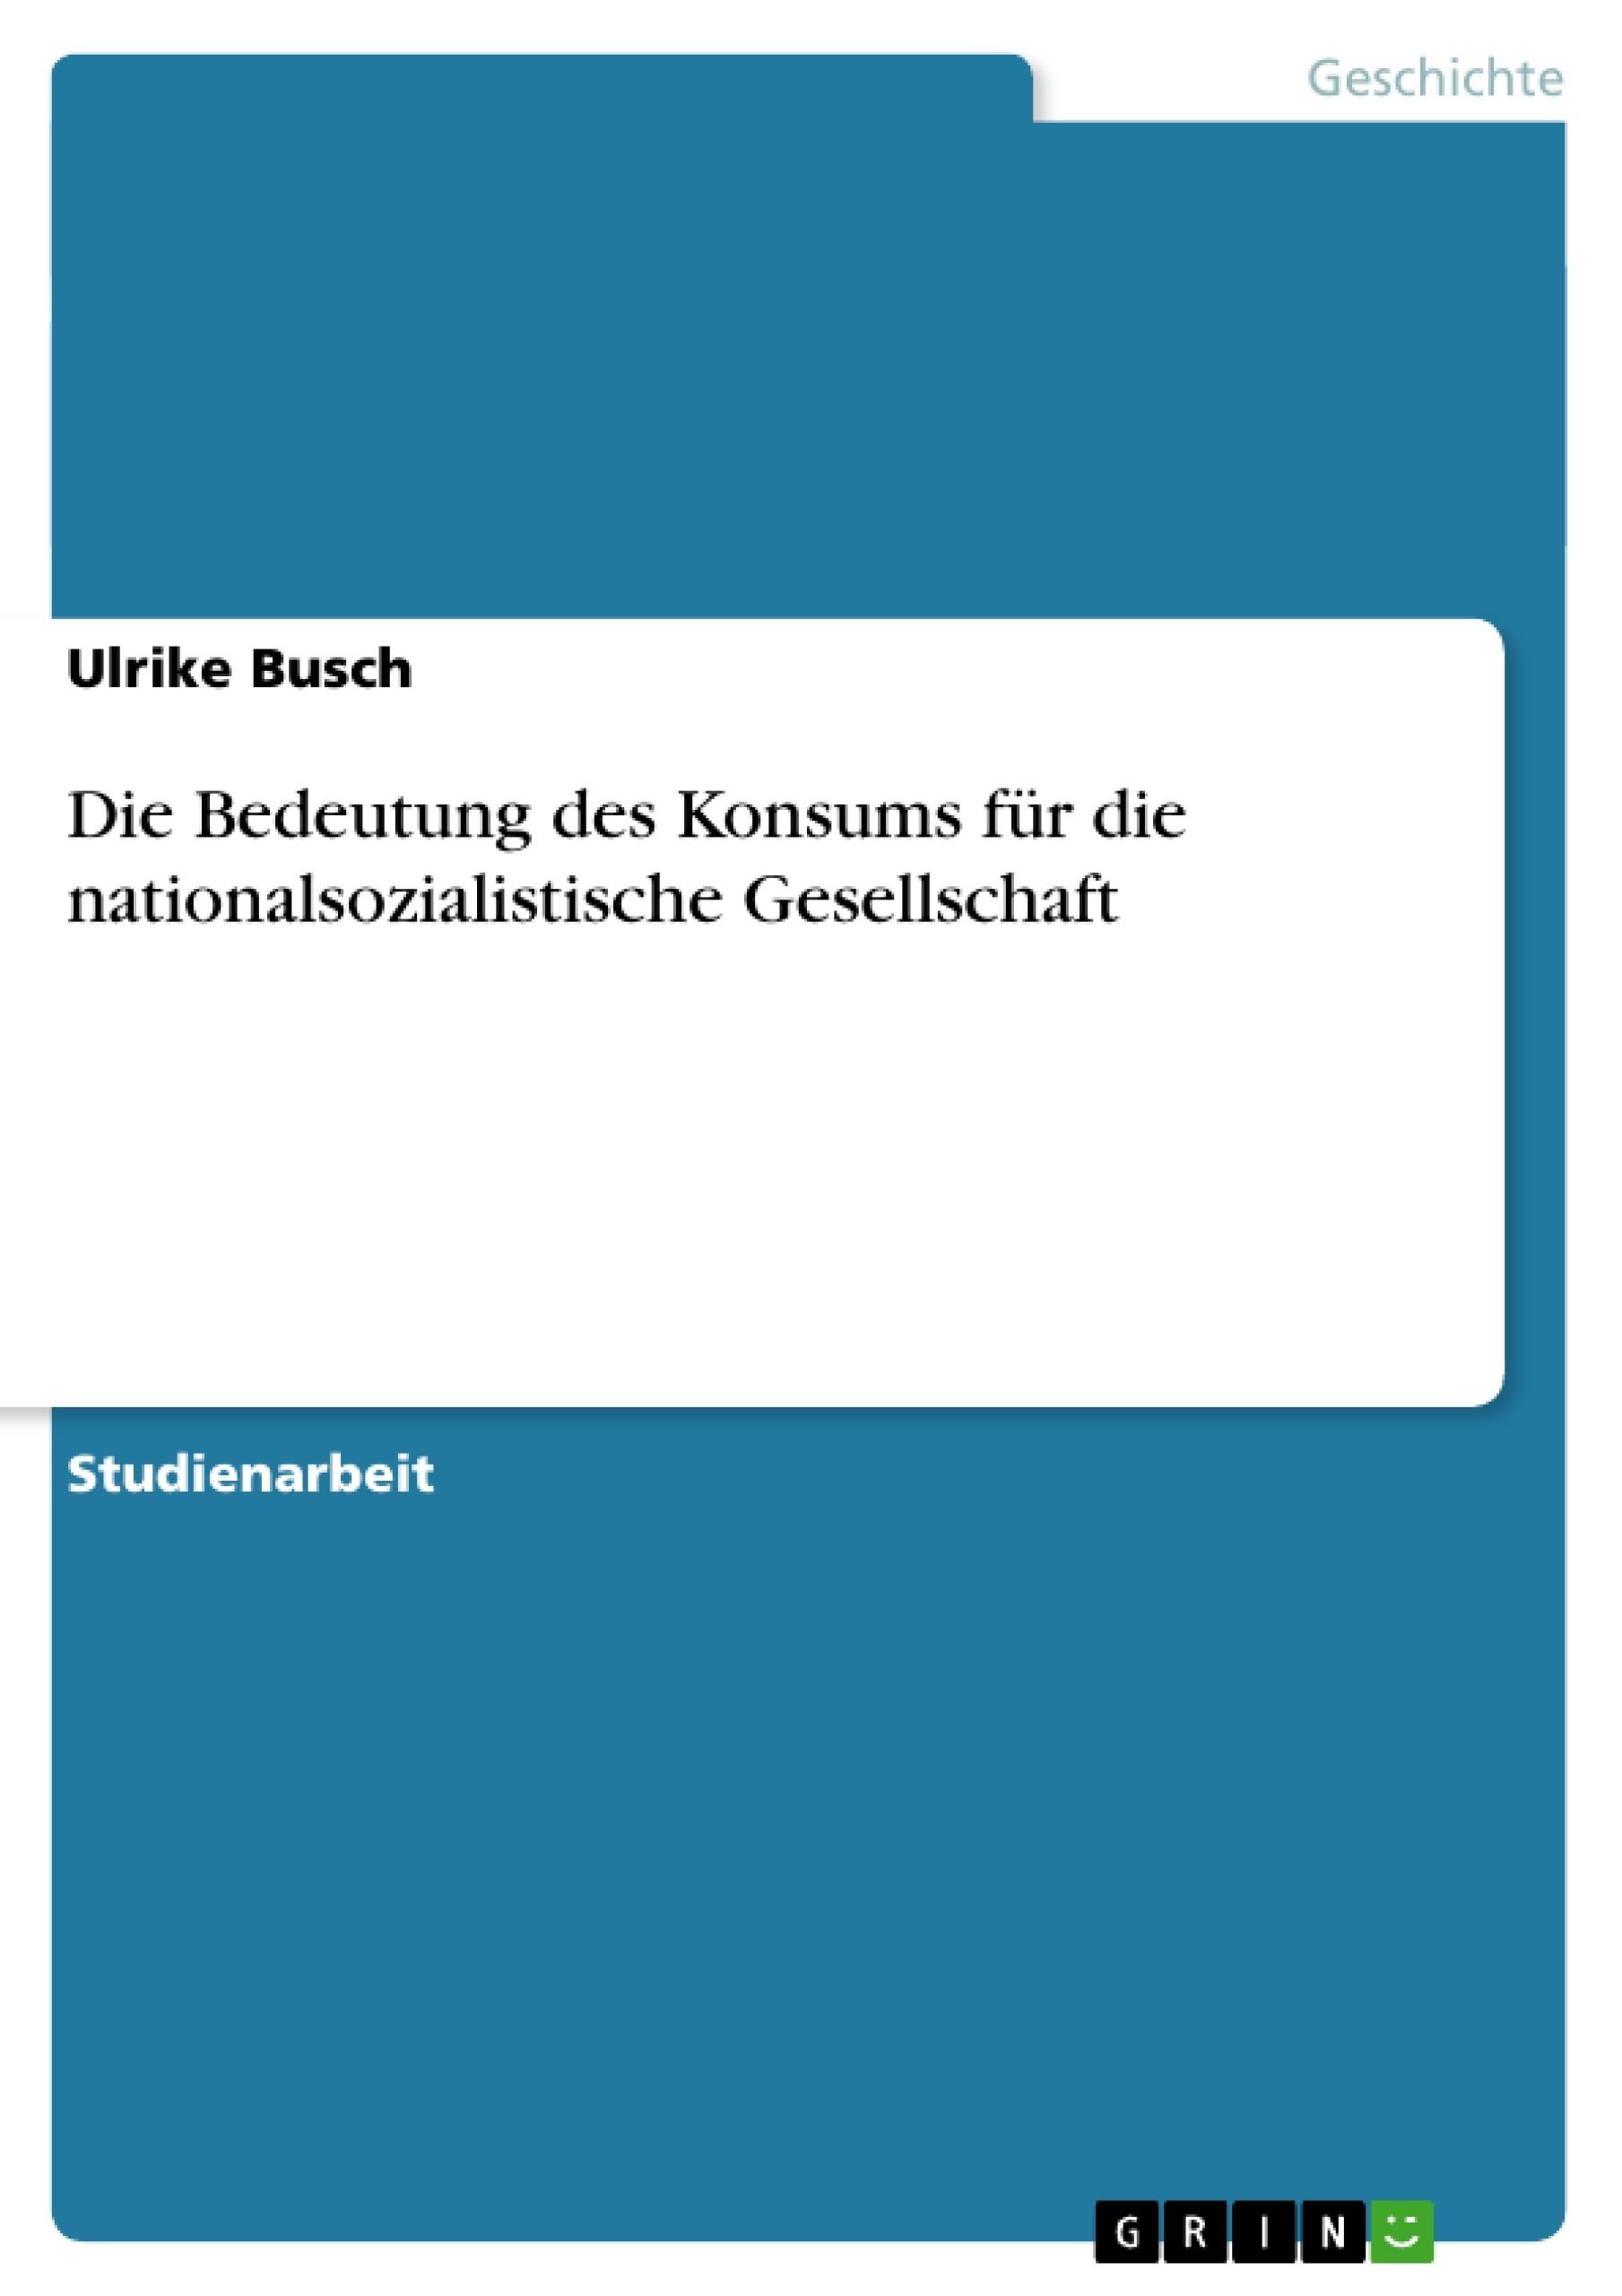 Titel: Die Bedeutung des Konsums für die nationalsozialistische Gesellschaft